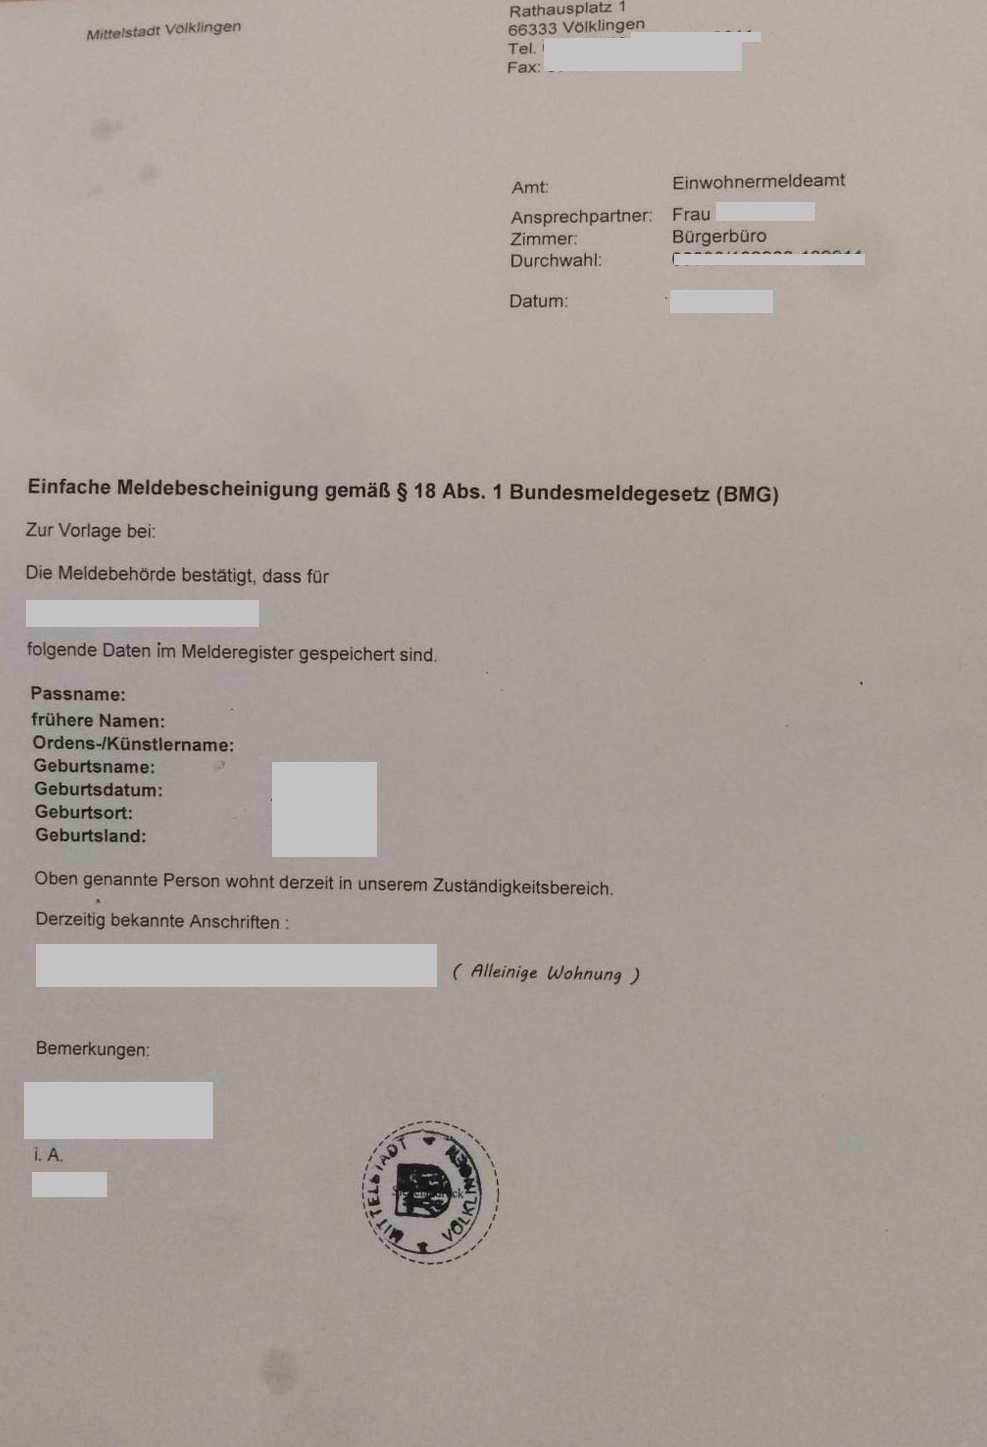 Einfache Meldebescheinigung Volklingen De Ro Musterubersetzungen Von Urkunden